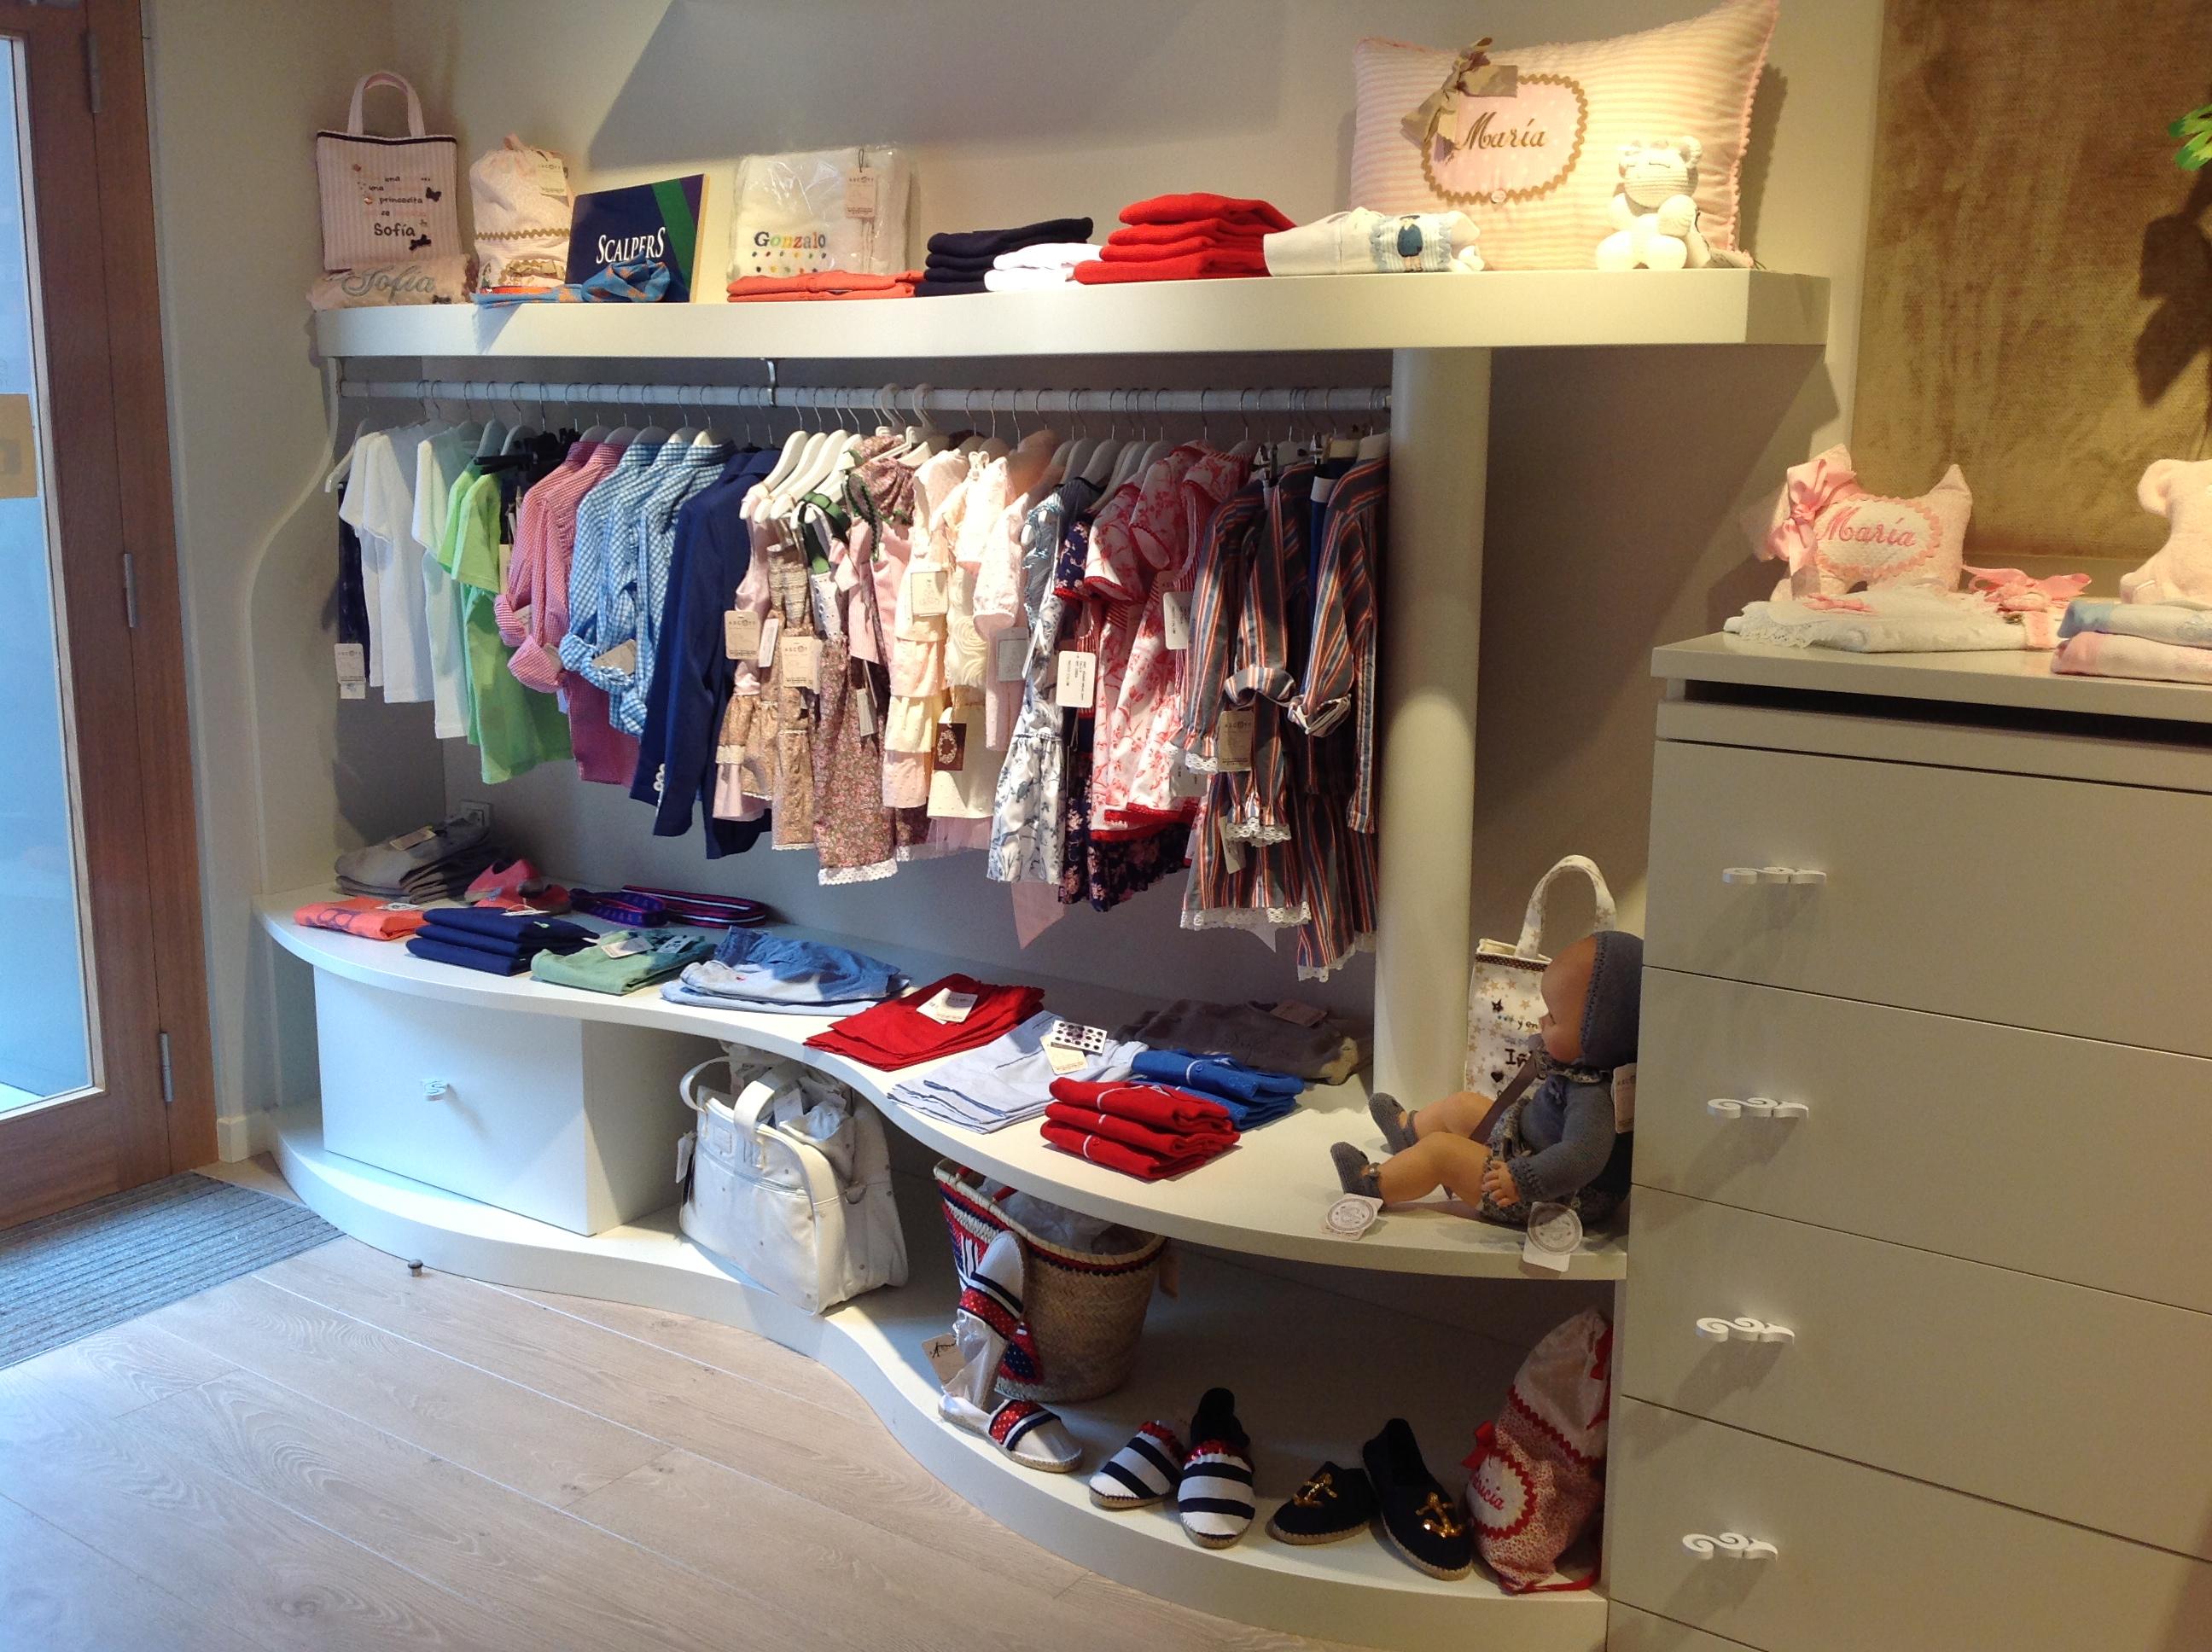 He conocido una nueva y preciosísima boutique infantil que me ha